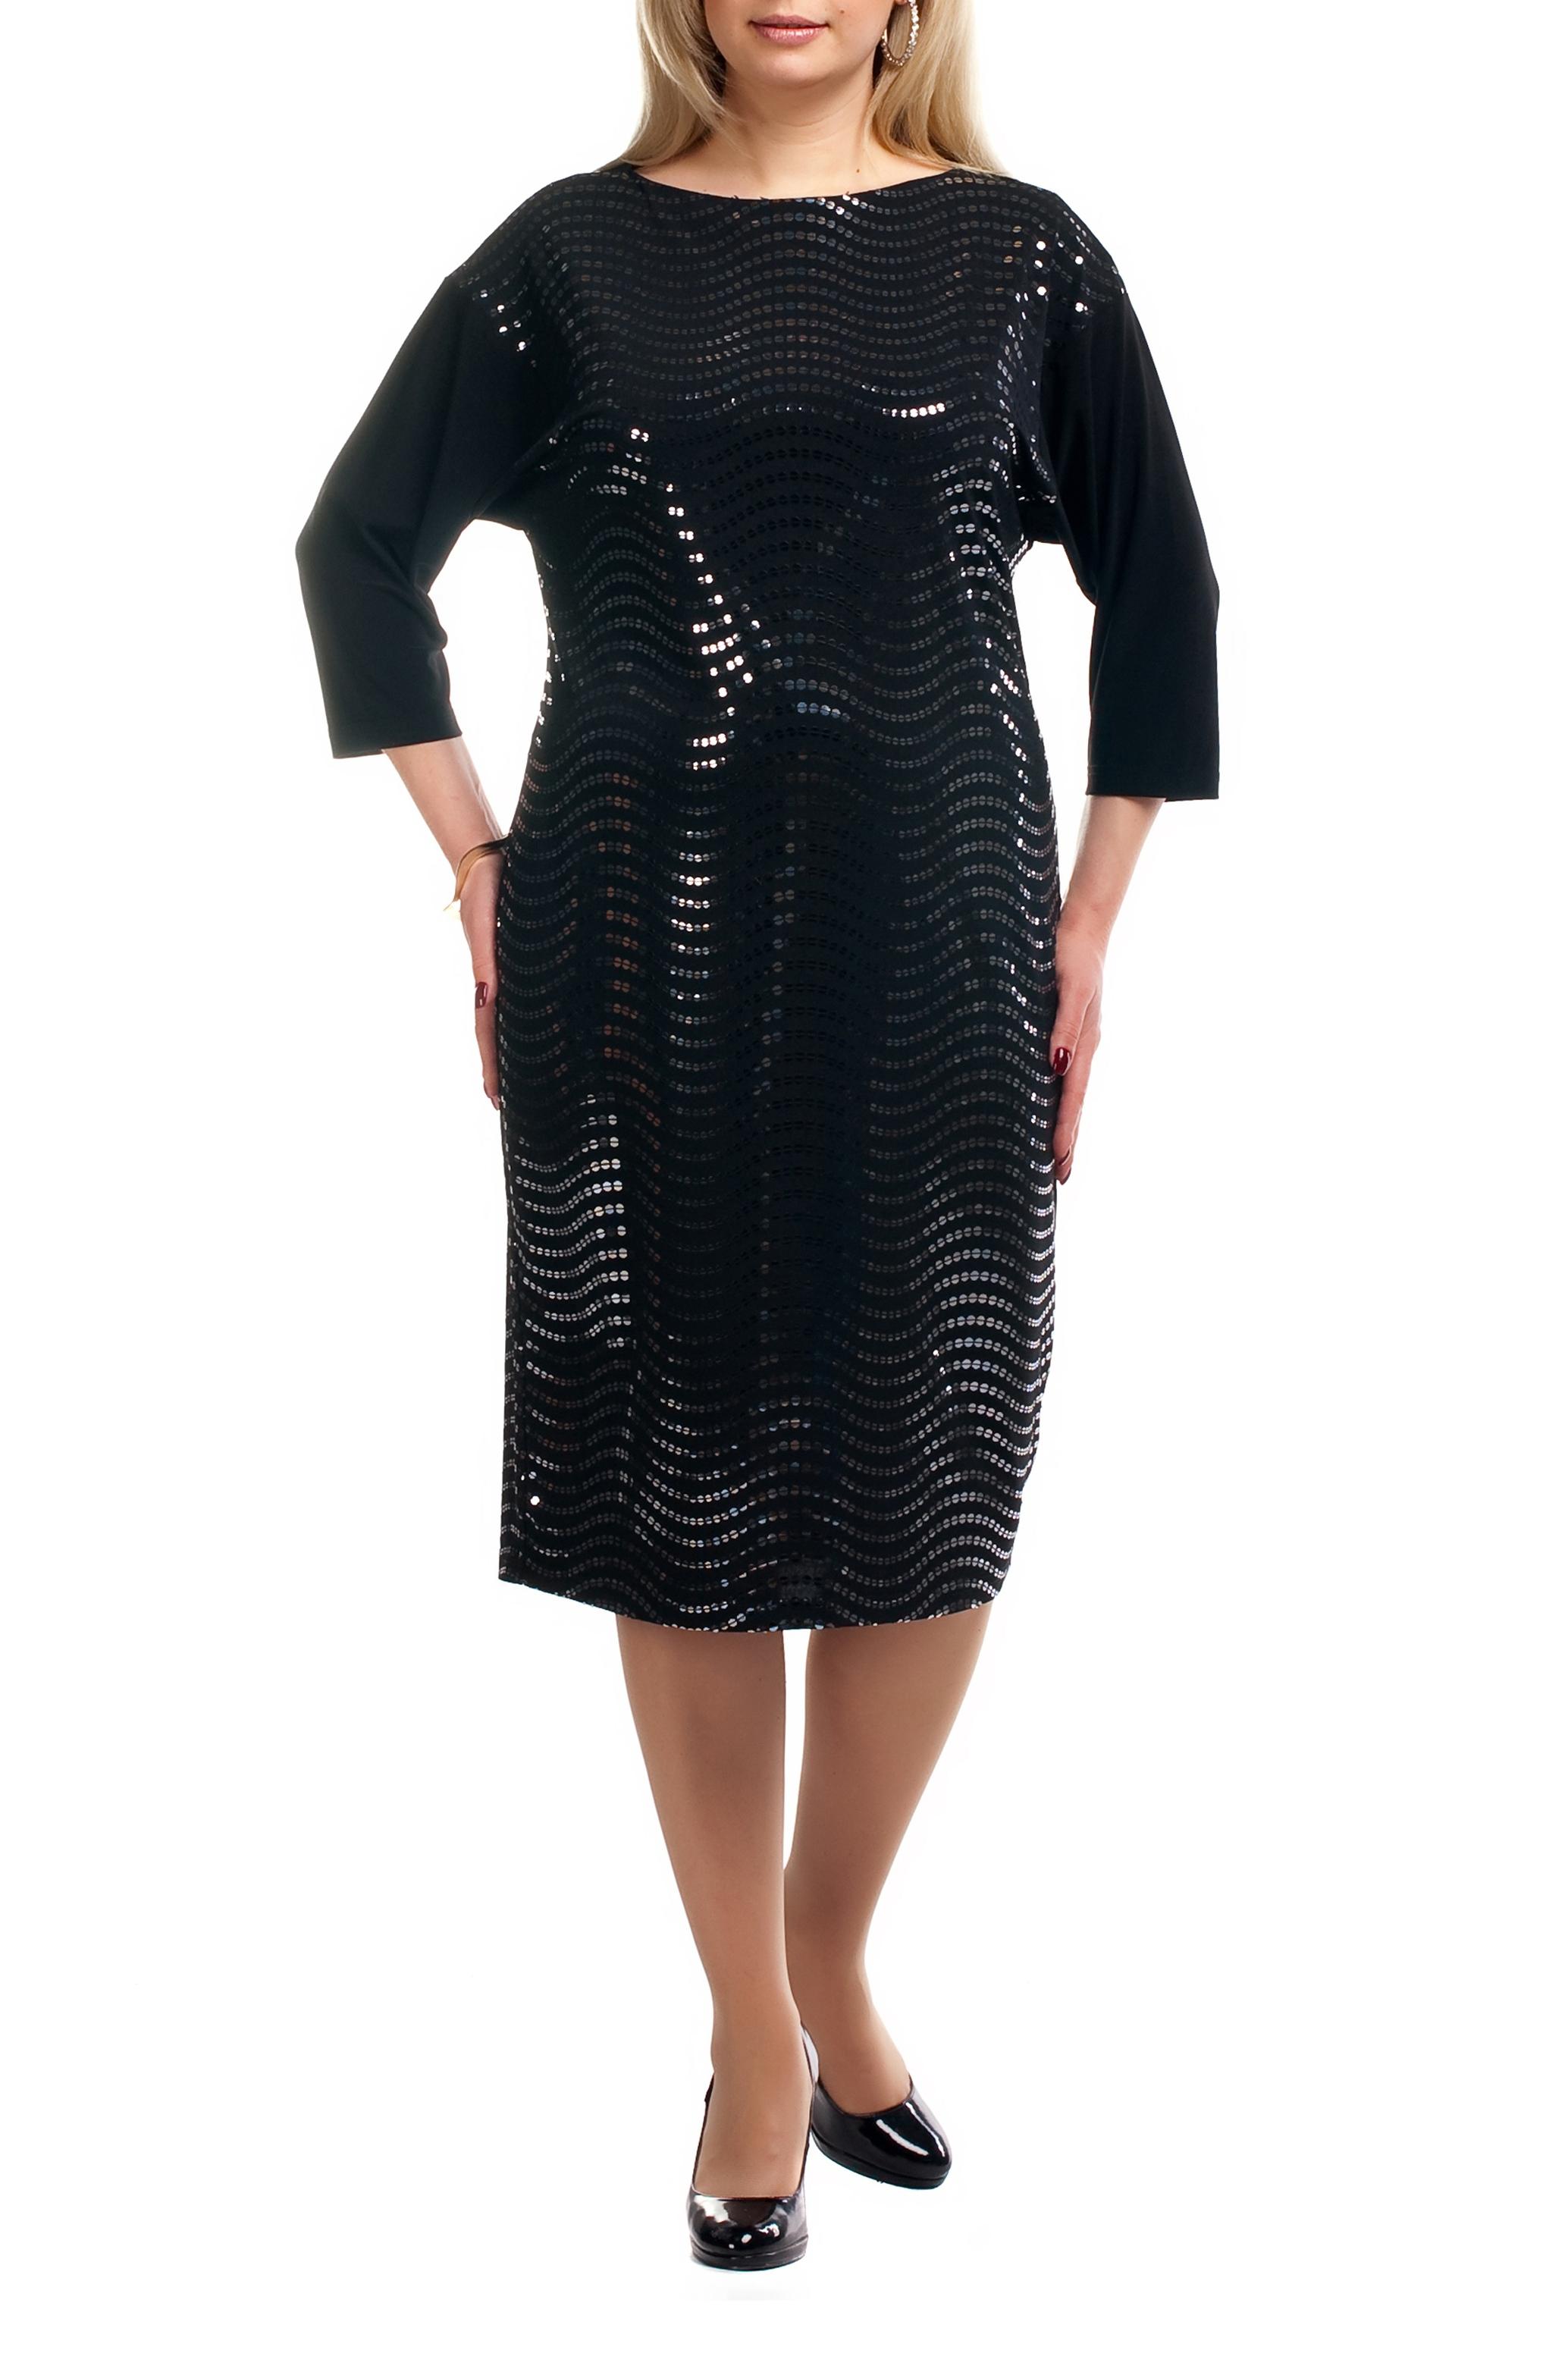 ПлатьеПлатья<br>Великолепное платье из роскошной ткани с пайетками. Модель с круглой горловиной и рукавами 3/4. Отличный выбор для любого торжества.  Цвет: черный  Рост девушки-фотомодели 173 см.<br><br>Горловина: С- горловина<br>По длине: Ниже колена<br>По рисунку: Однотонные<br>По сезону: Весна,Всесезон,Зима,Лето,Осень<br>По силуэту: Полуприталенные<br>По стилю: Нарядный стиль<br>По форме: Платье - футляр<br>По элементам: С декором,С отделочной фурнитурой<br>Рукав: Рукав три четверти<br>По материалу: Тканевые<br>По образу: Свидание<br>Размер : 52,56,60,62,66,68,70<br>Материал: Плательная ткань<br>Количество в наличии: 13